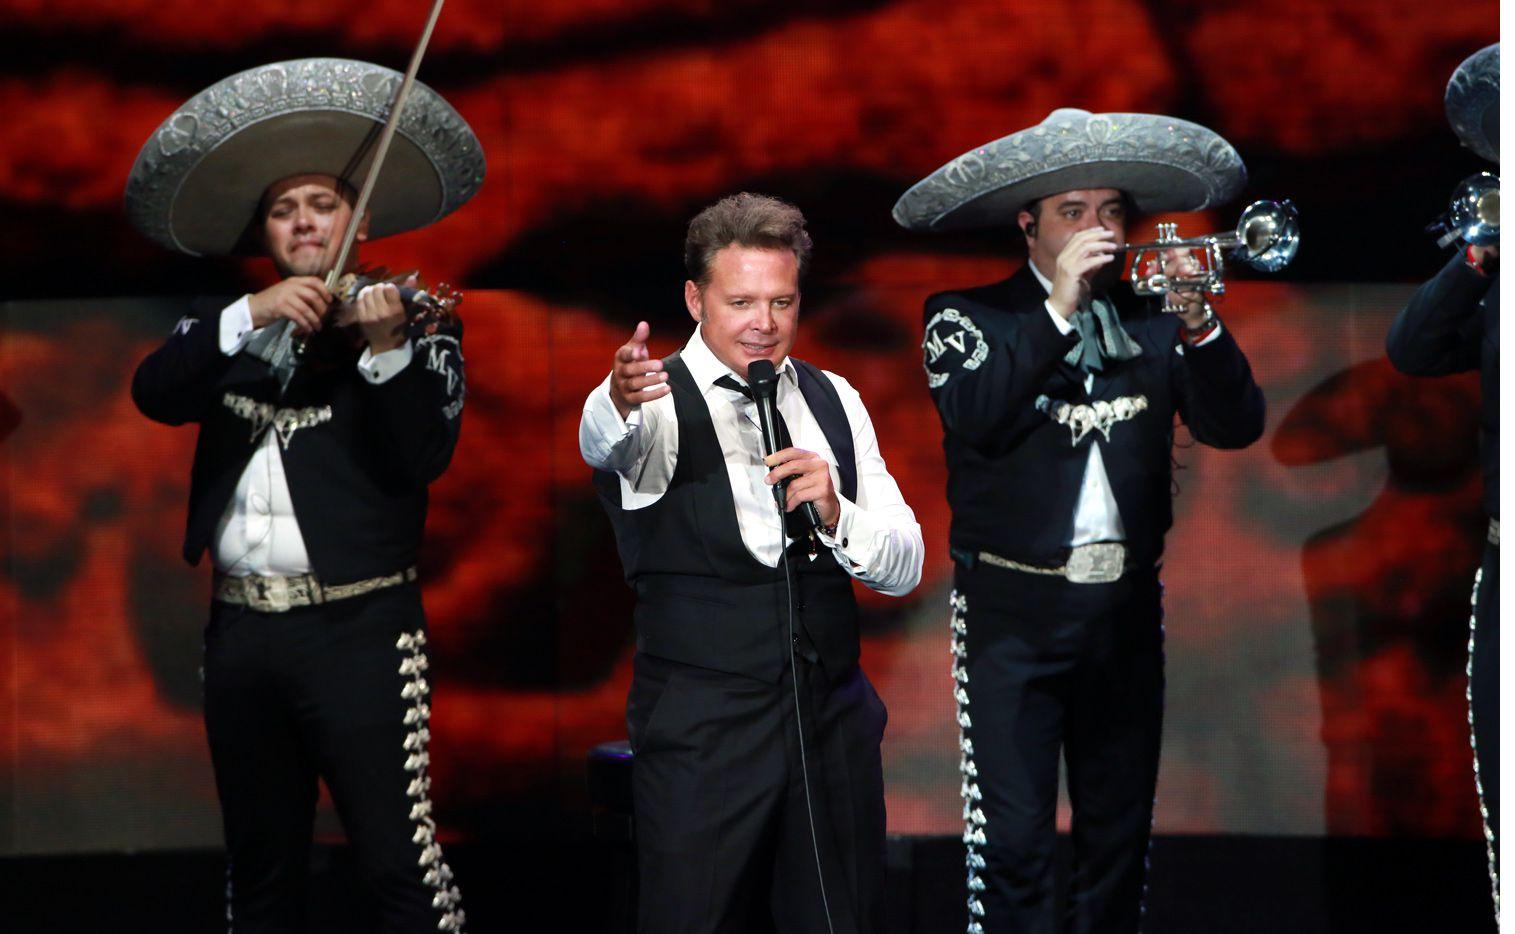 De acuerdo con el portal Infobae, fuentes allegadas al cantante Luis Miguel (centro) contaron que se someterá a tratamiento por tinitus (enfermedad también conocida como acúfenos), enfermedad que lo podría llevar a la sordera./ AGENCIA REFORMA